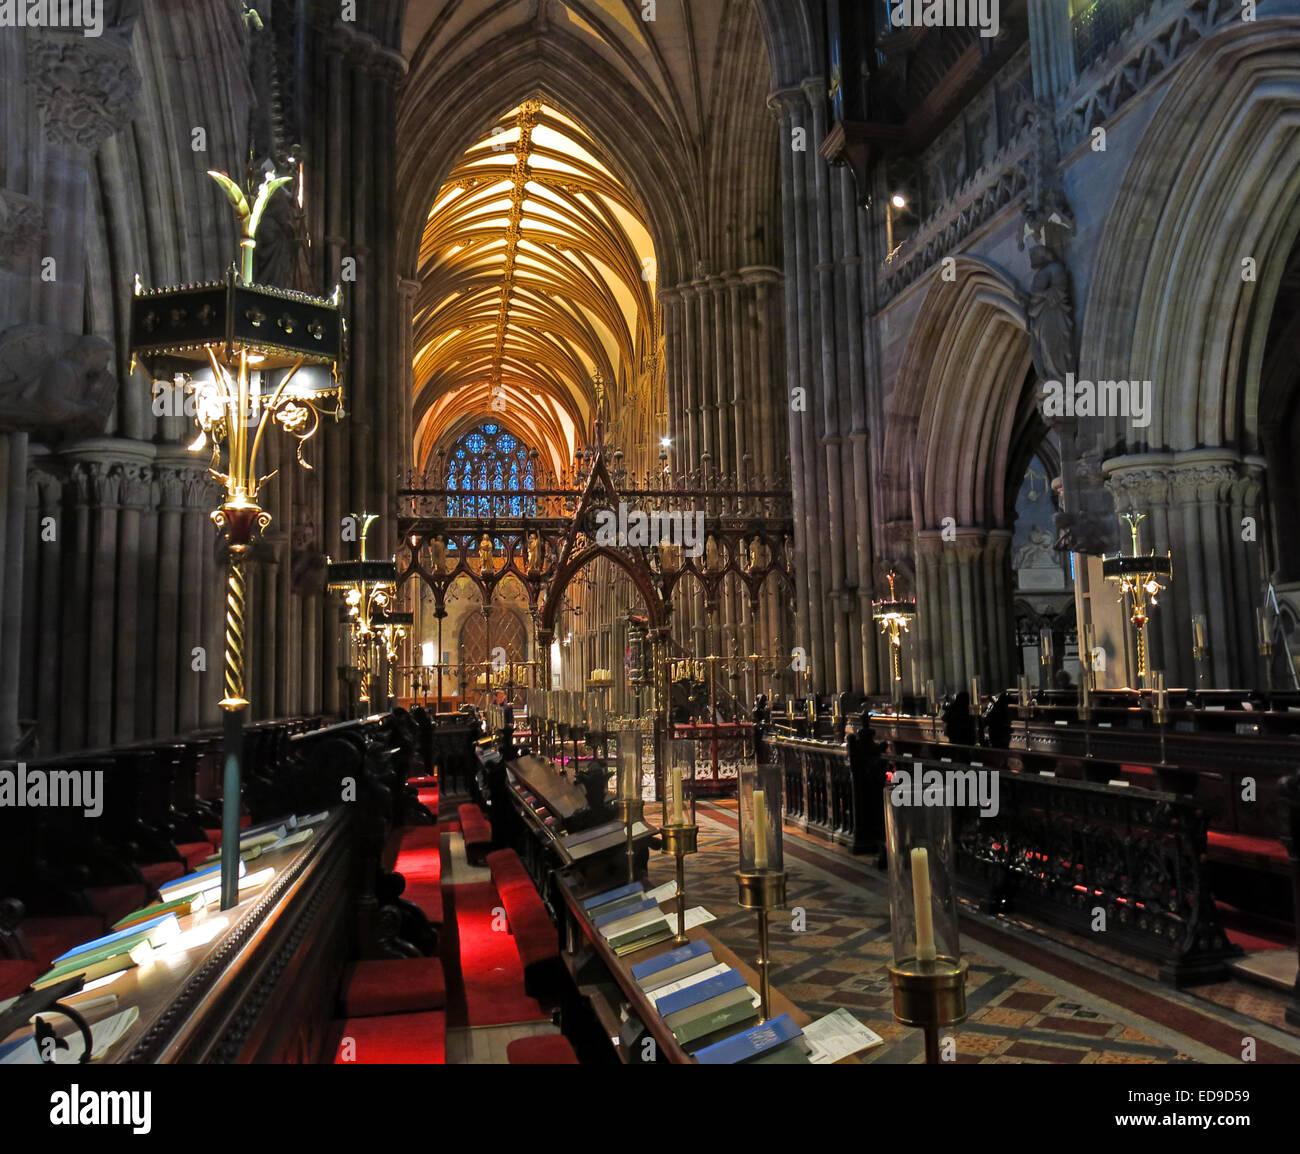 Laden Sie dieses Alamy Stockfoto Kathedrale von Lichfield, Staffordshire England UK in der Abenddämmerung - ED9D59